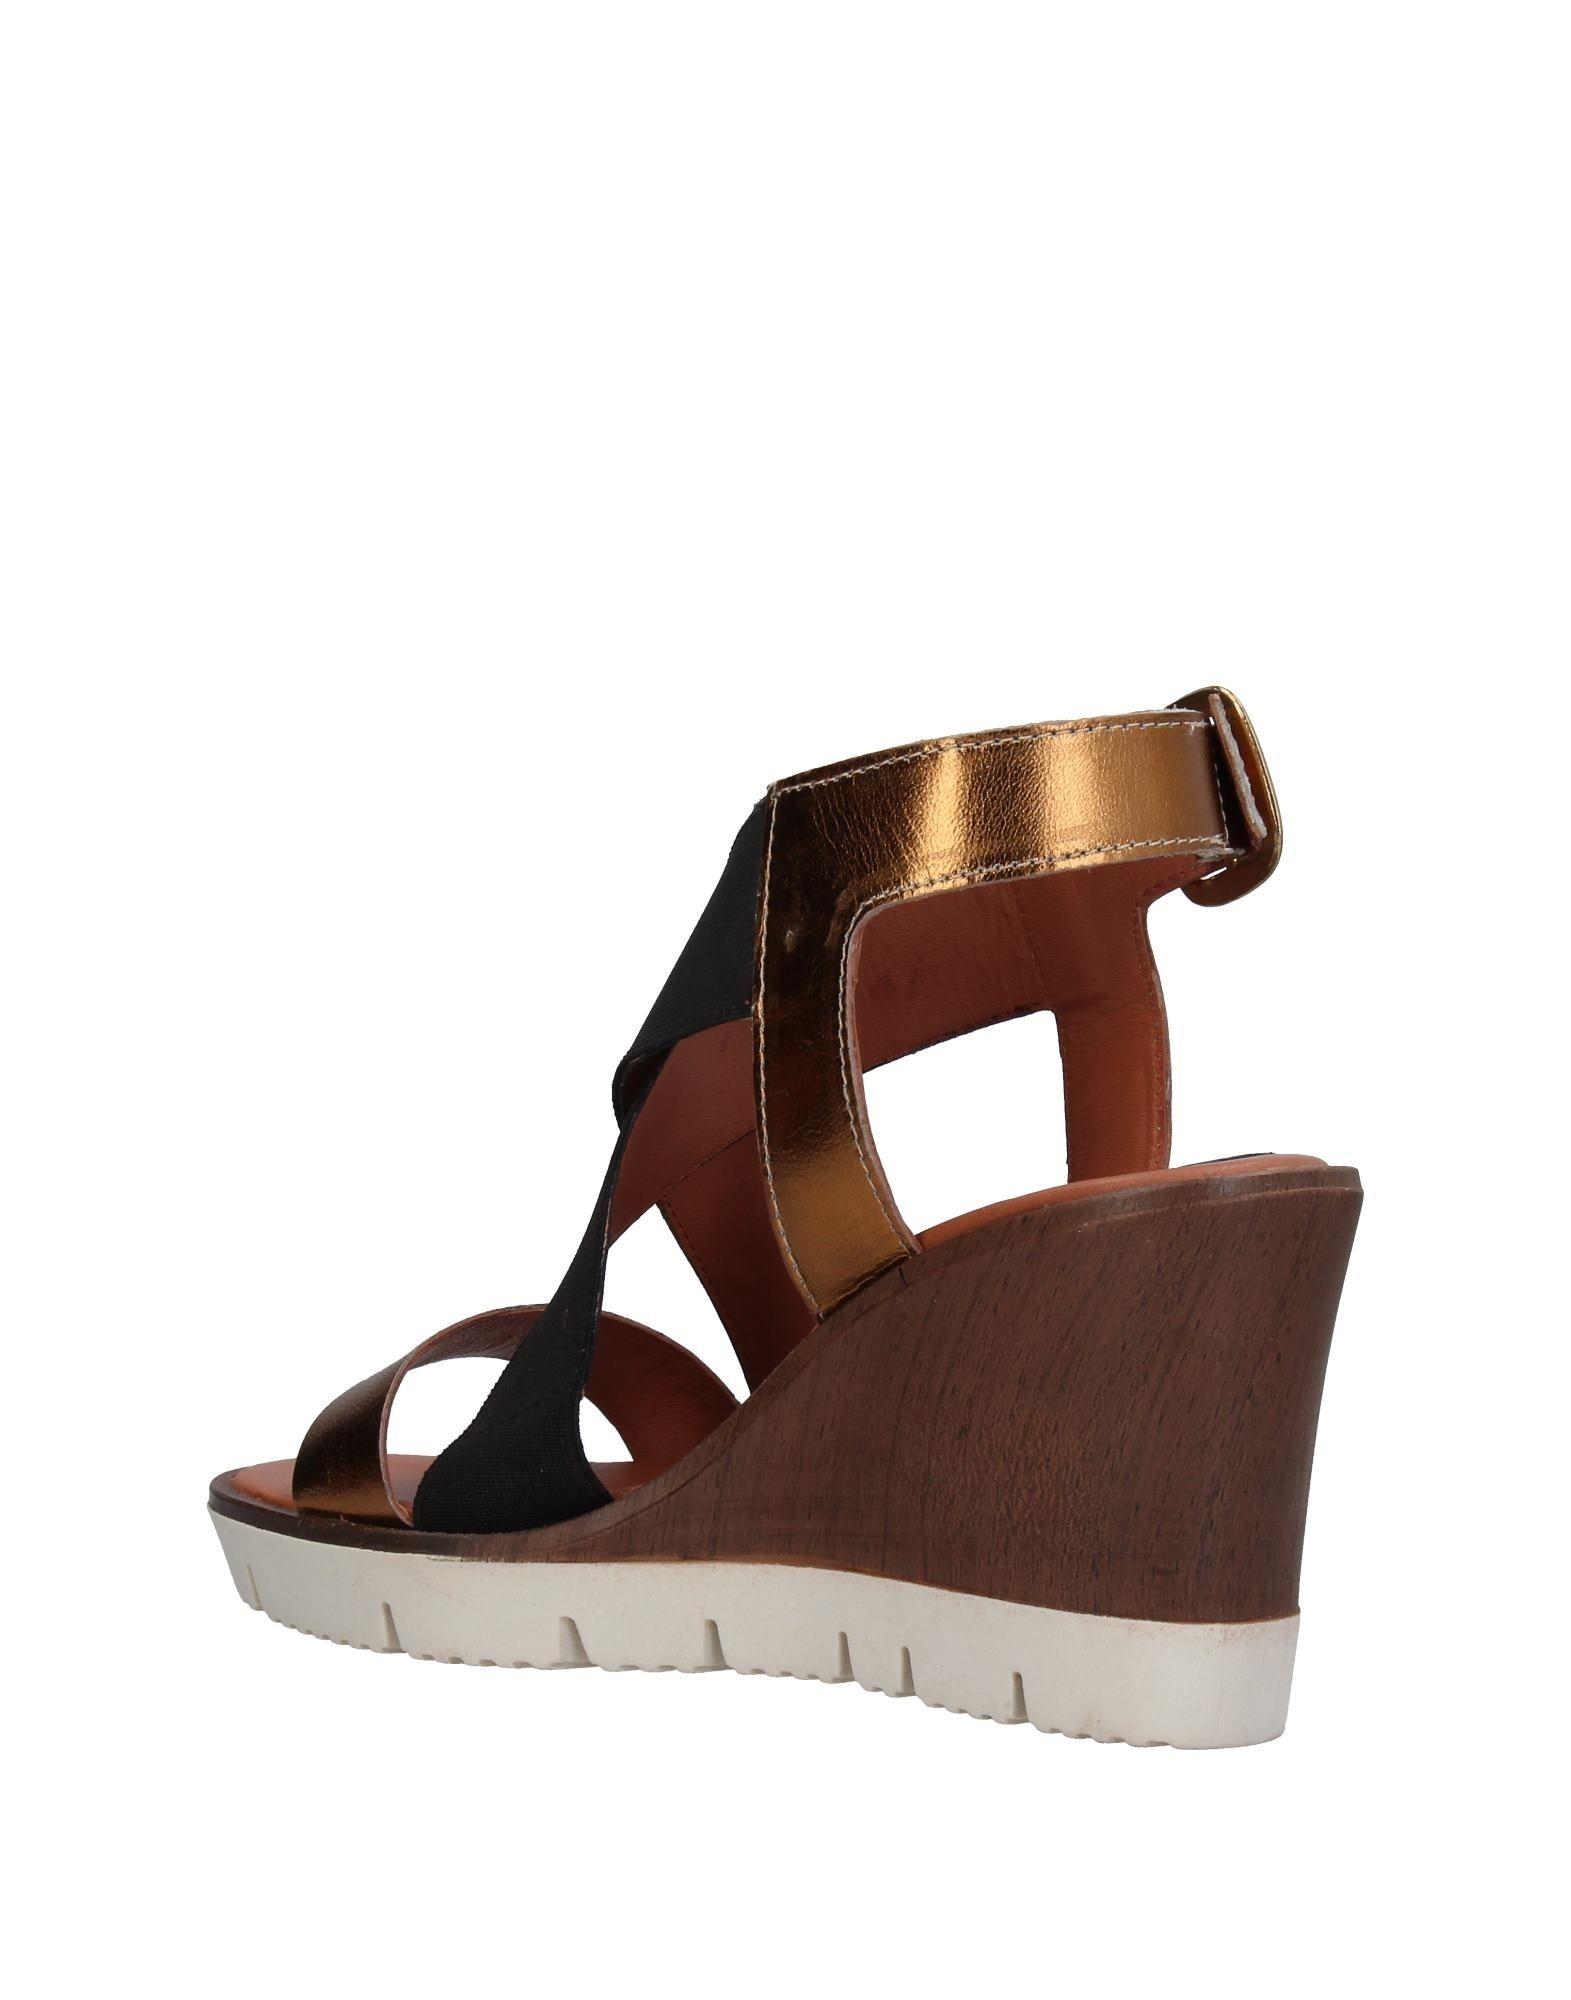 Cuoieria Sandalen  Damen  Sandalen 11366015QT Gute Qualität beliebte Schuhe 5a2179